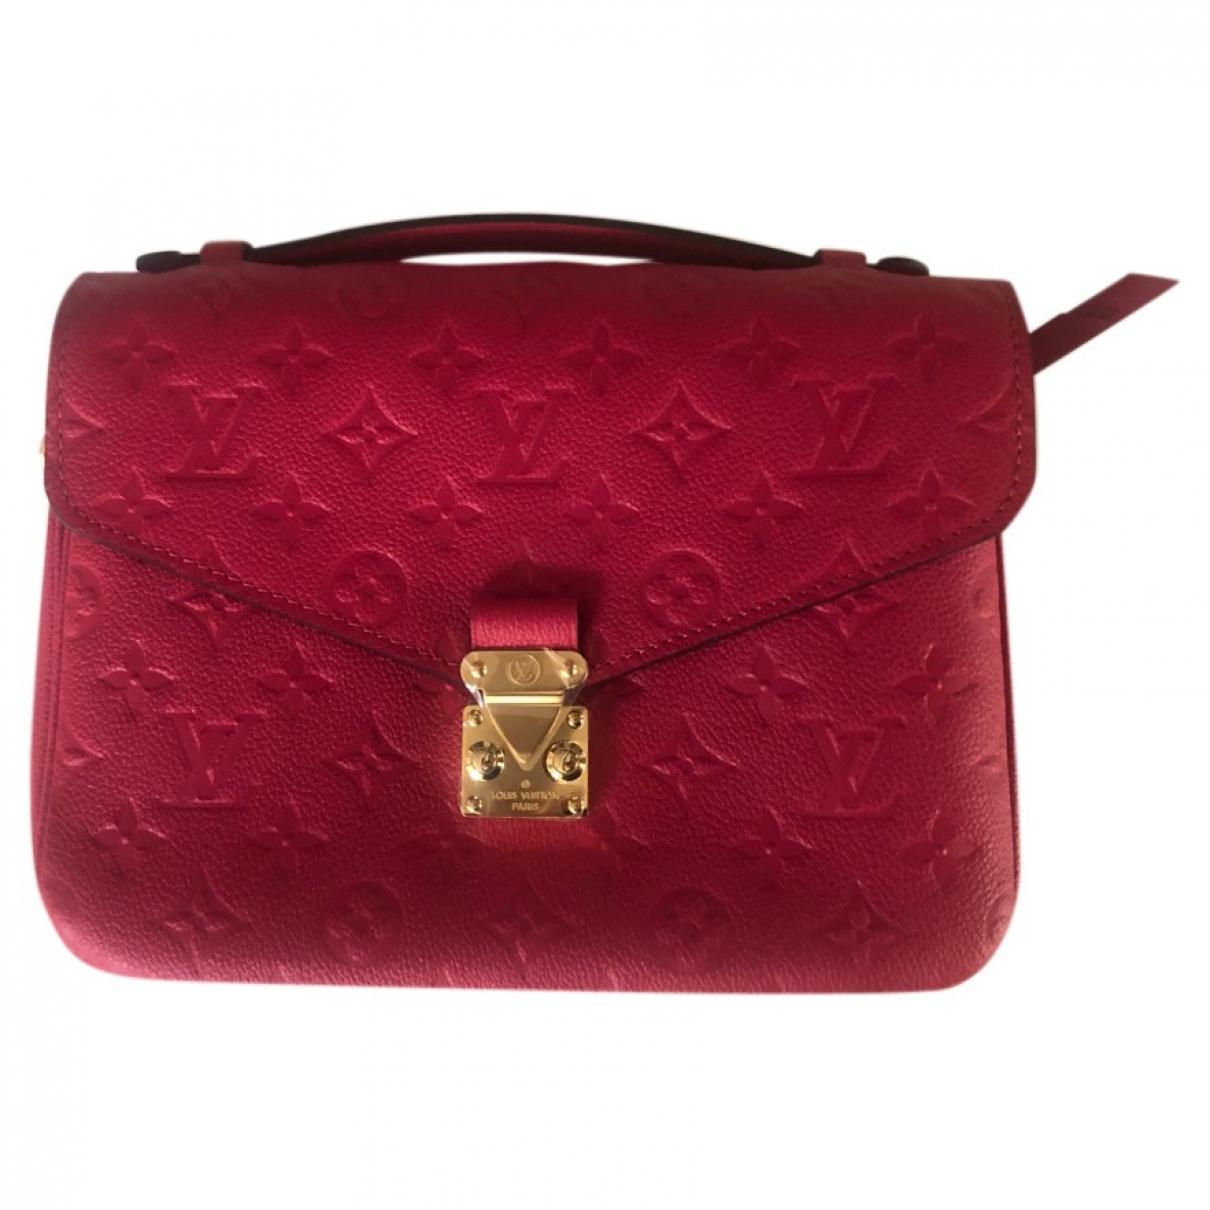 Louis Vuitton Metis Pink Cloth handbag for Women \N